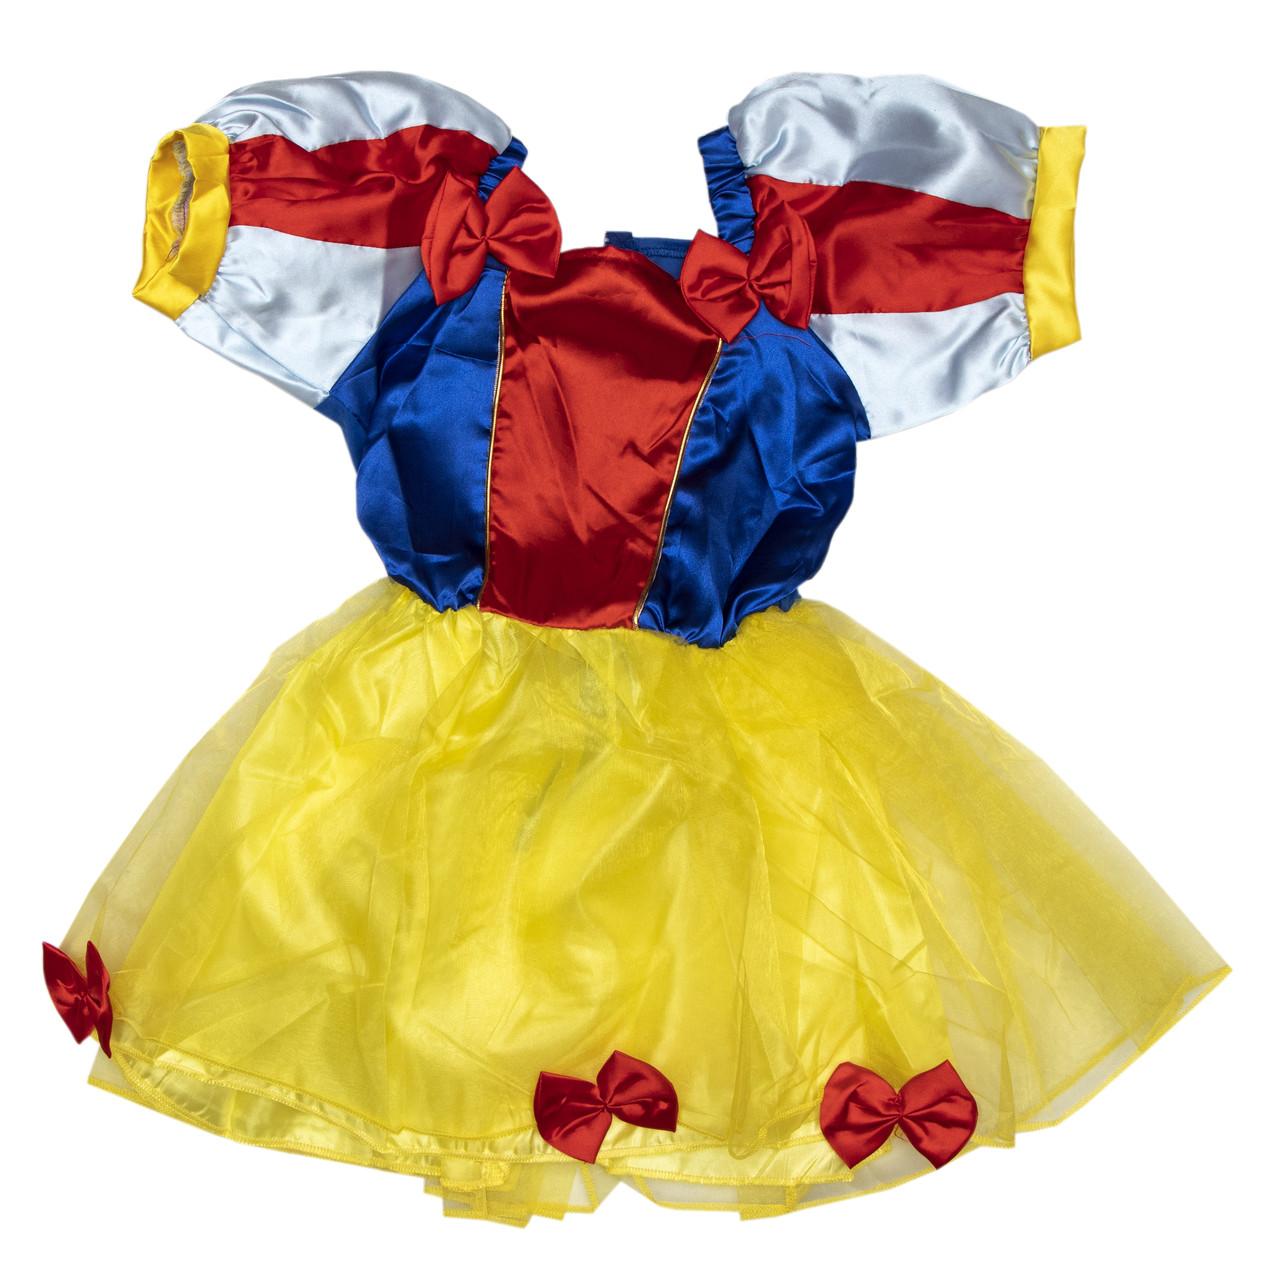 Карнавальный костюм Белоснежка 8 (8 лет-126см), арт. 460908-3